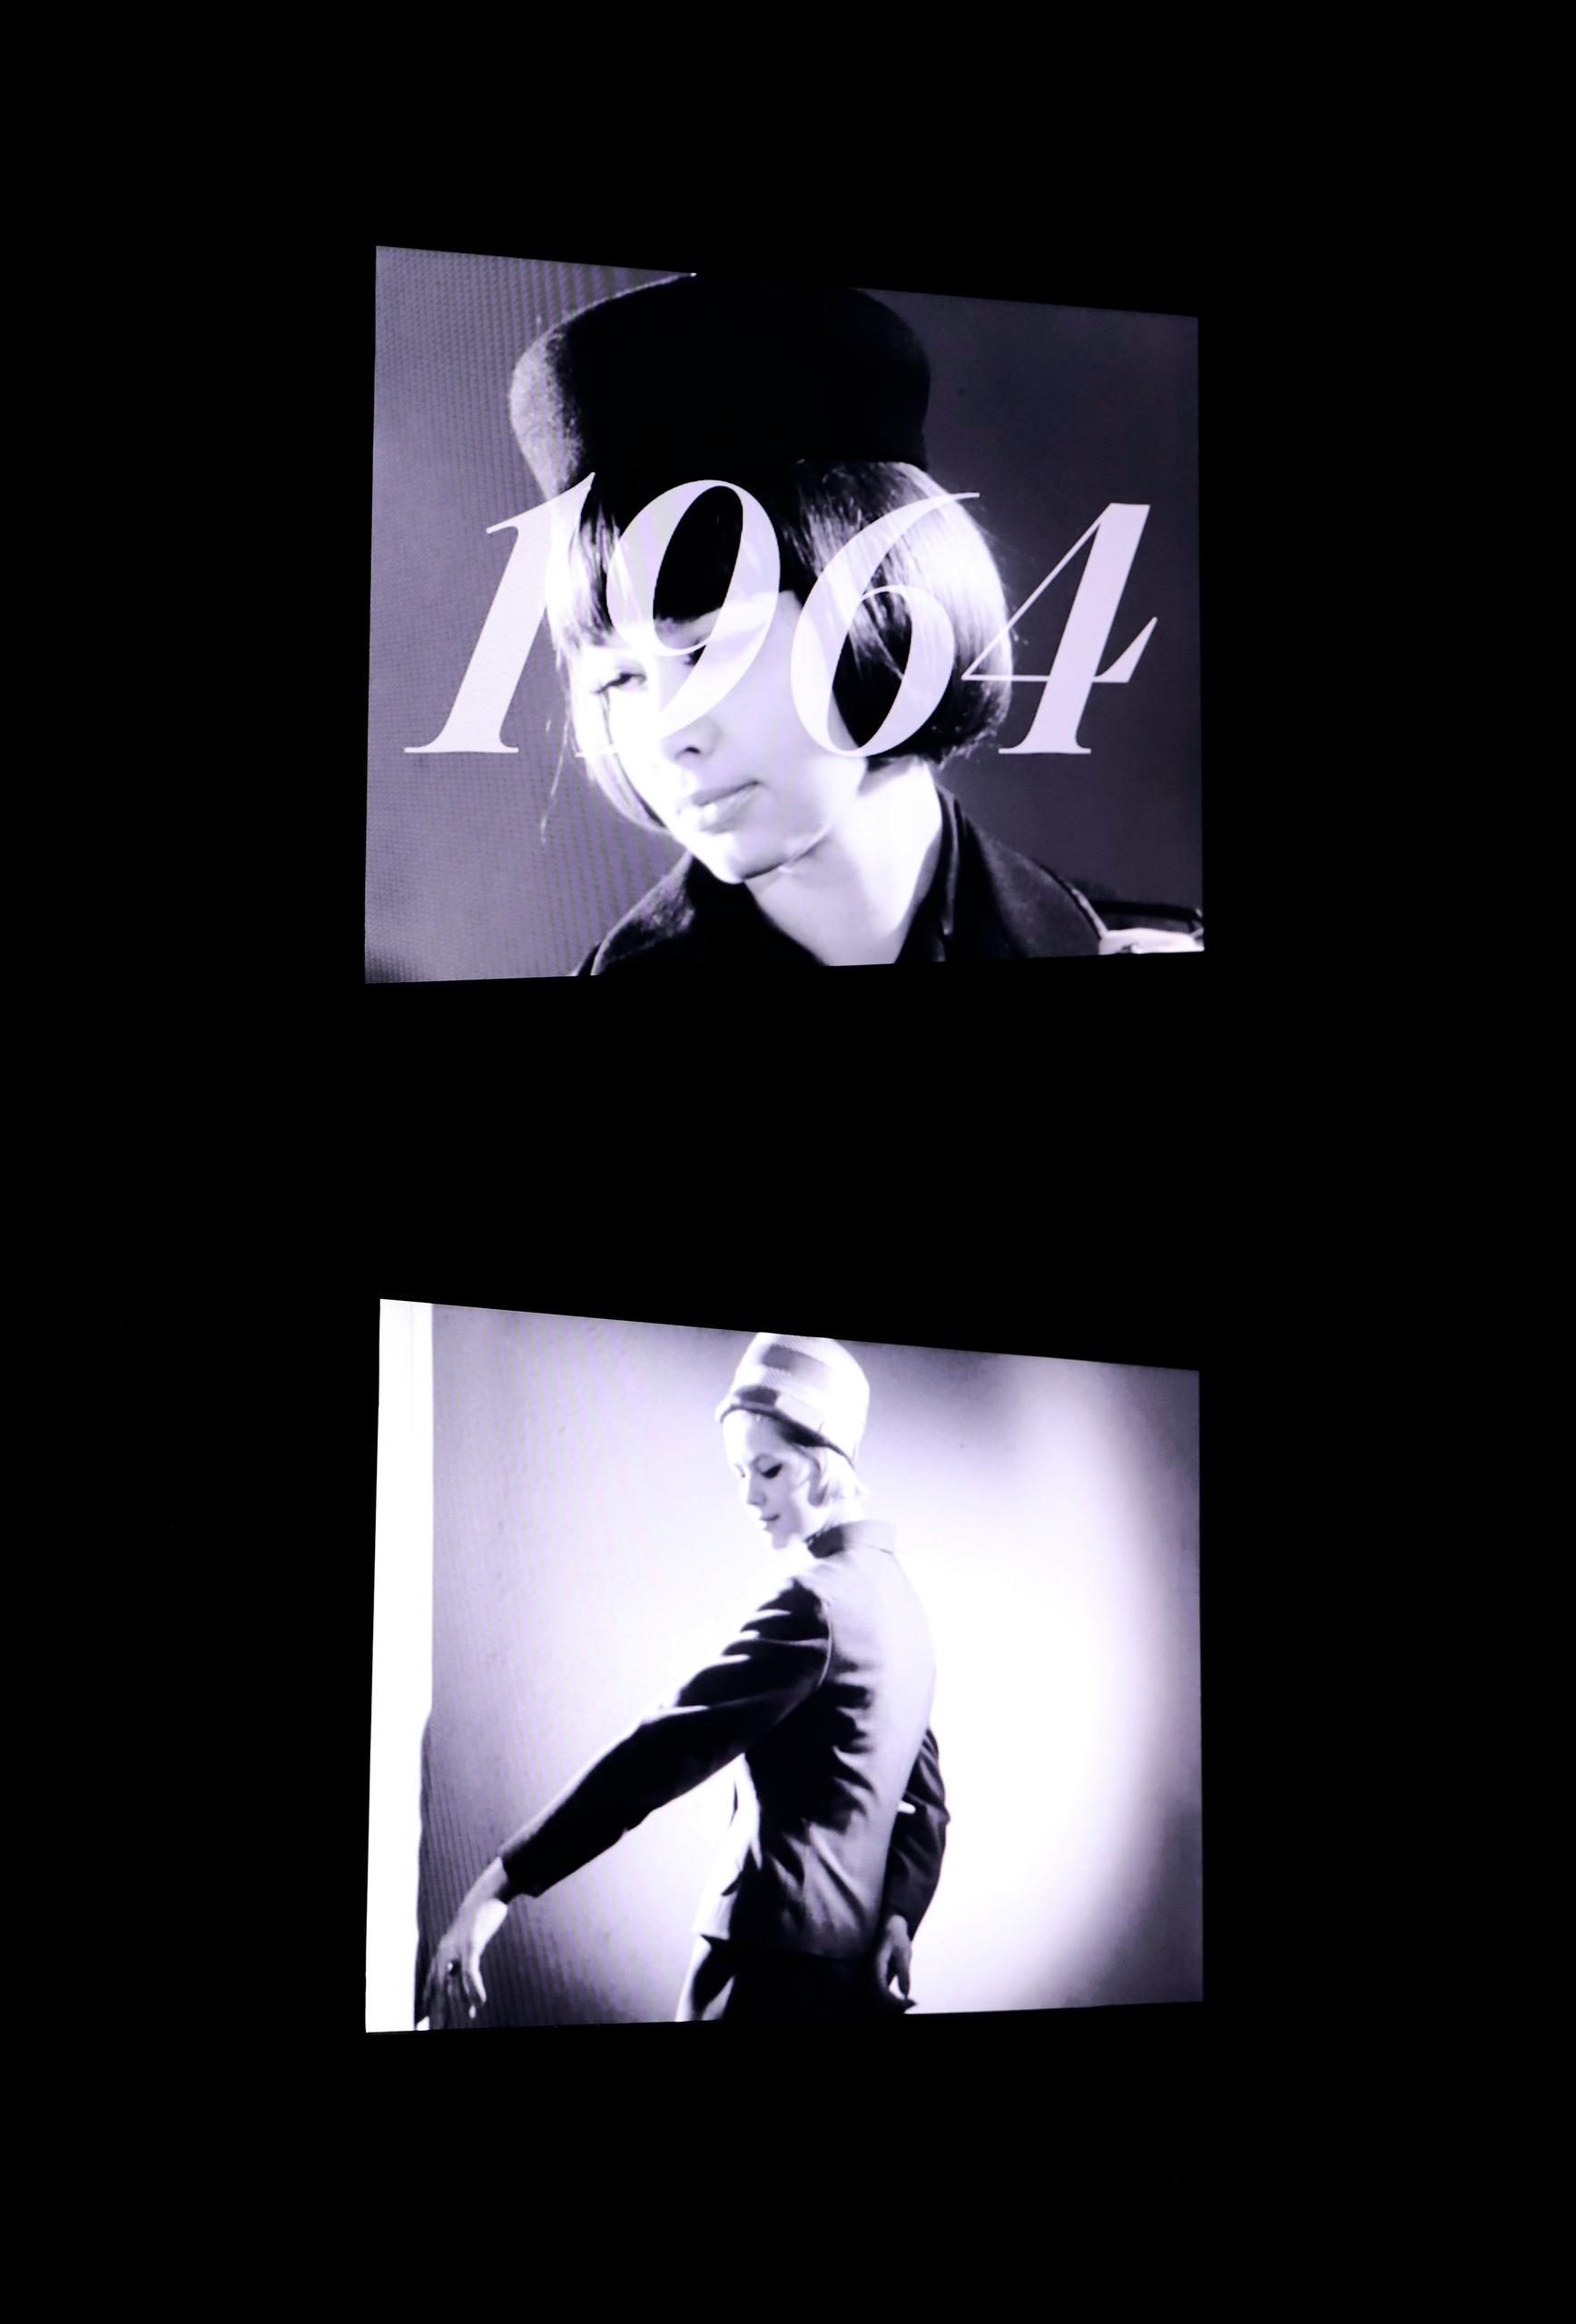 Zdjęcie przedstawia dwa ekrany, na których wyświetlany jest czarno-biały film.